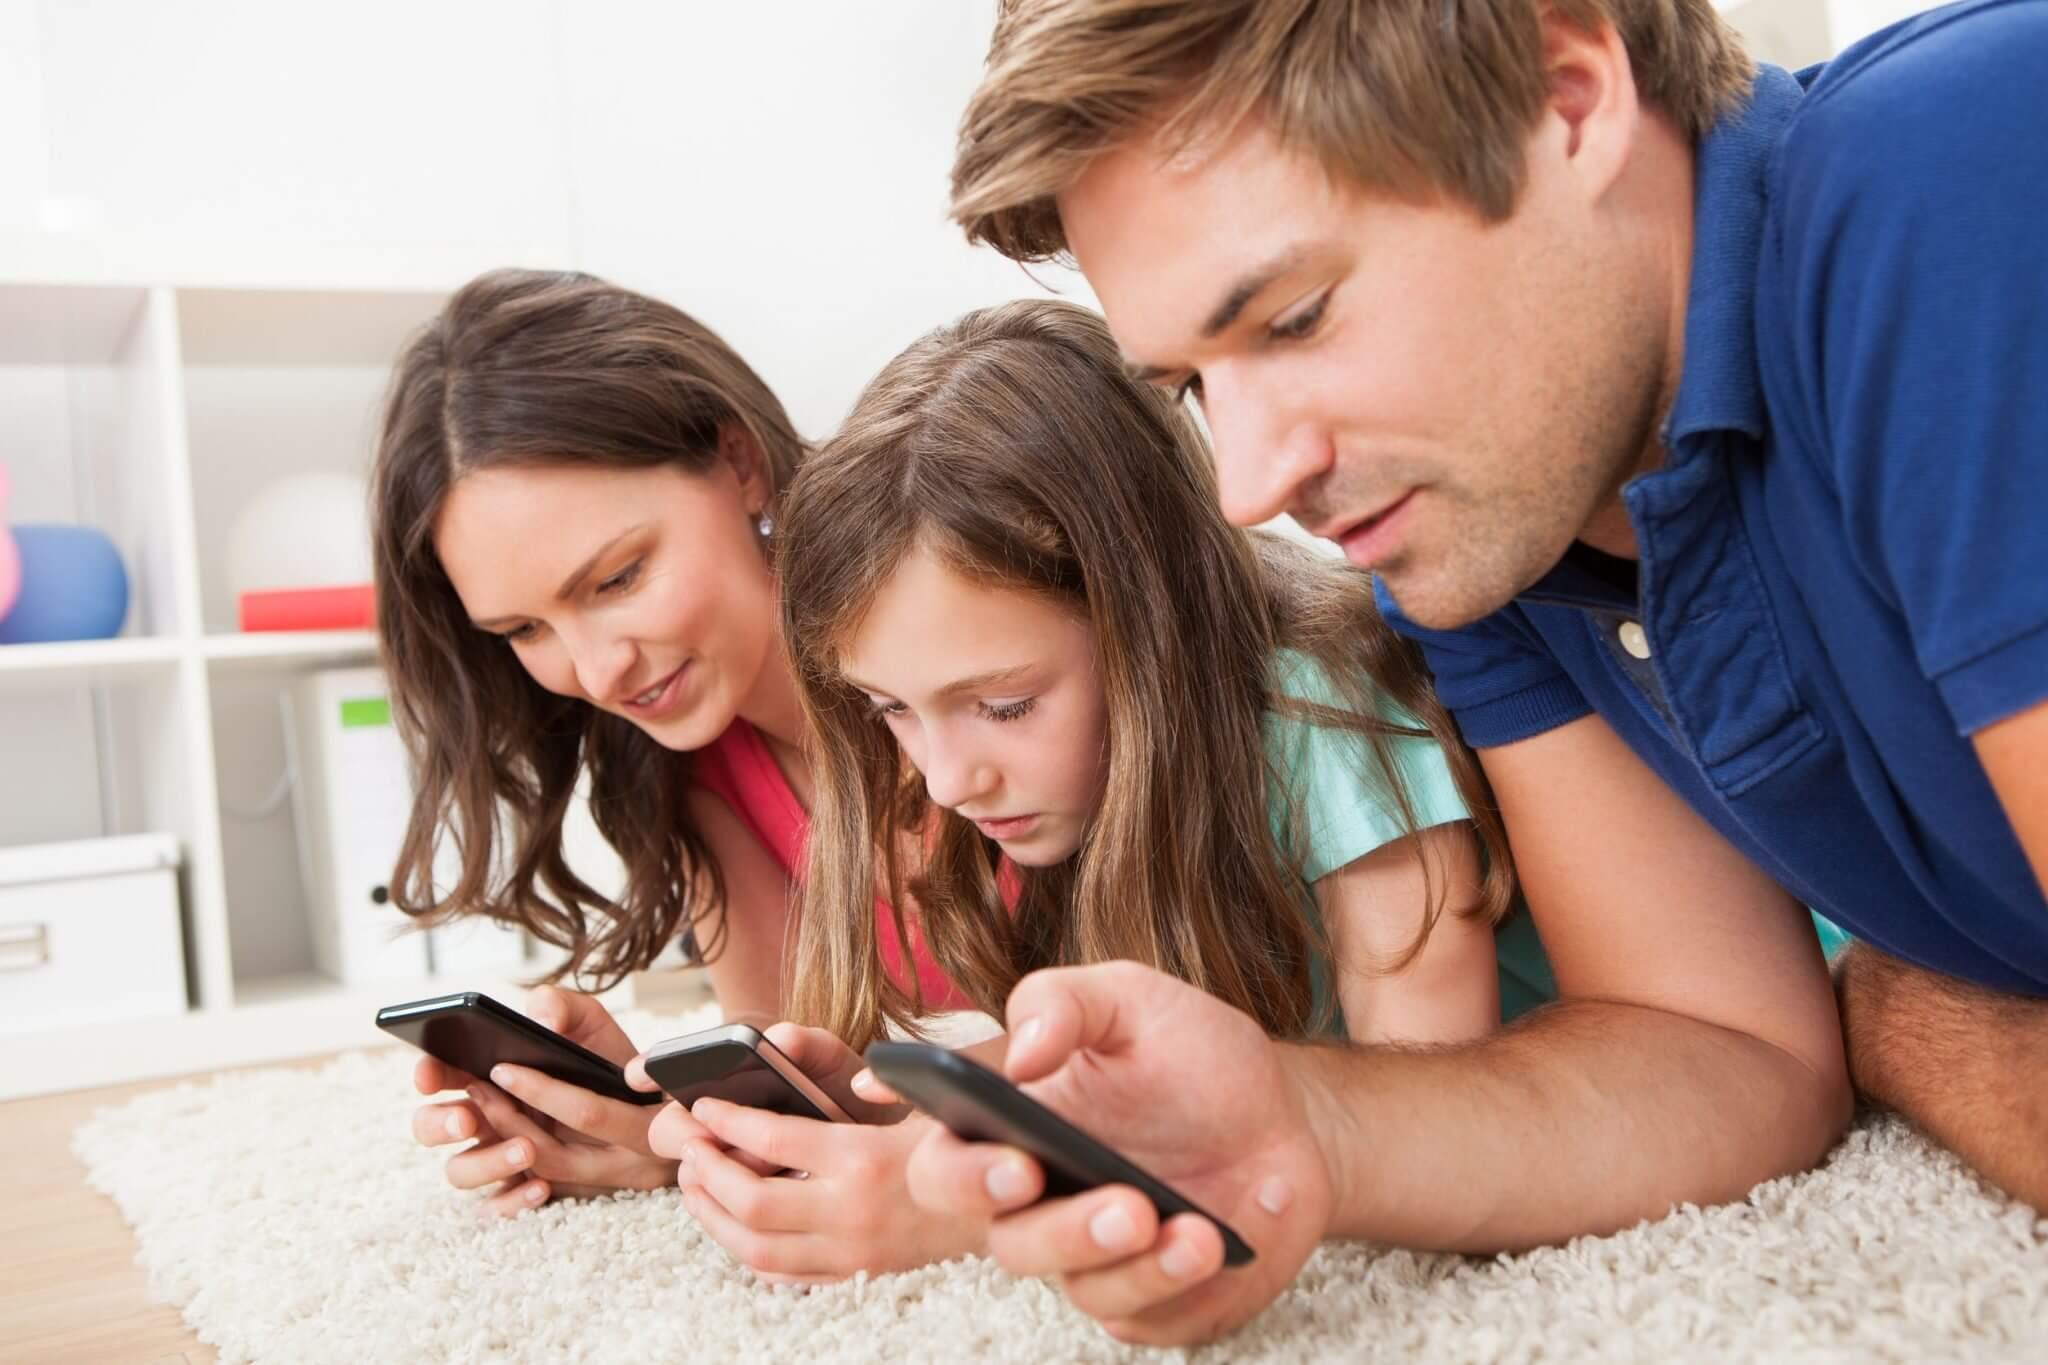 familia smartphone - Hora da Família: Apps para educar os filhos